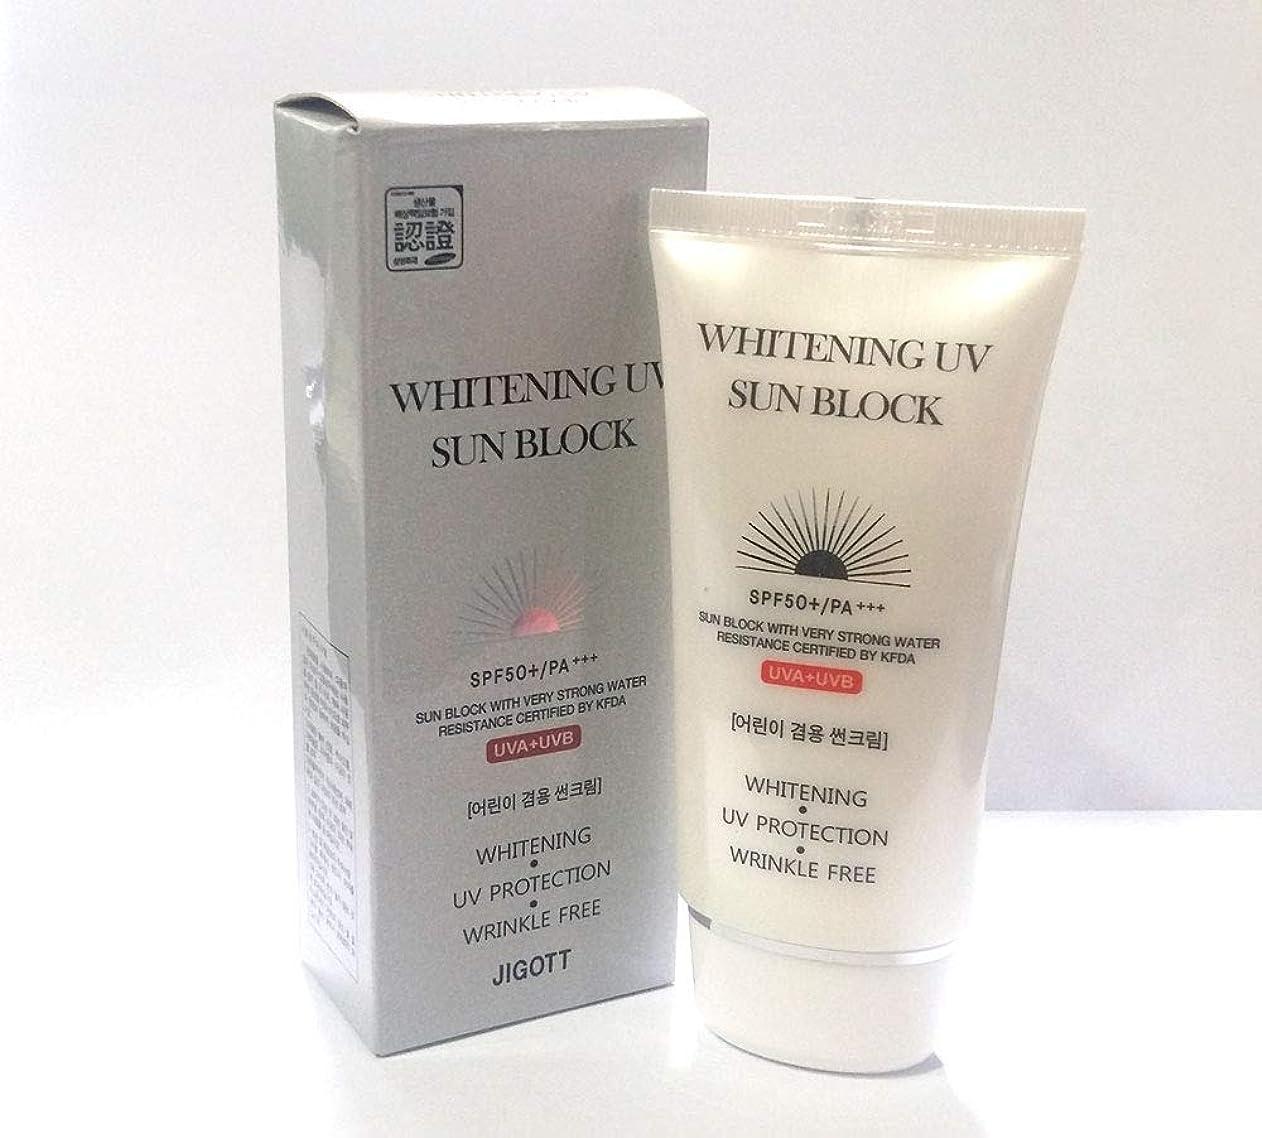 飼い慣らす製造望遠鏡[JIGOTT] ホワイトニングUVプロテクトサンブロッククリームSPF50 + PA +++ / Whitening UV Protection Sun Block Cream SPF50+ PA +++ / 韓国化粧品/Korean Cosmetics (1EA) [並行輸入品]